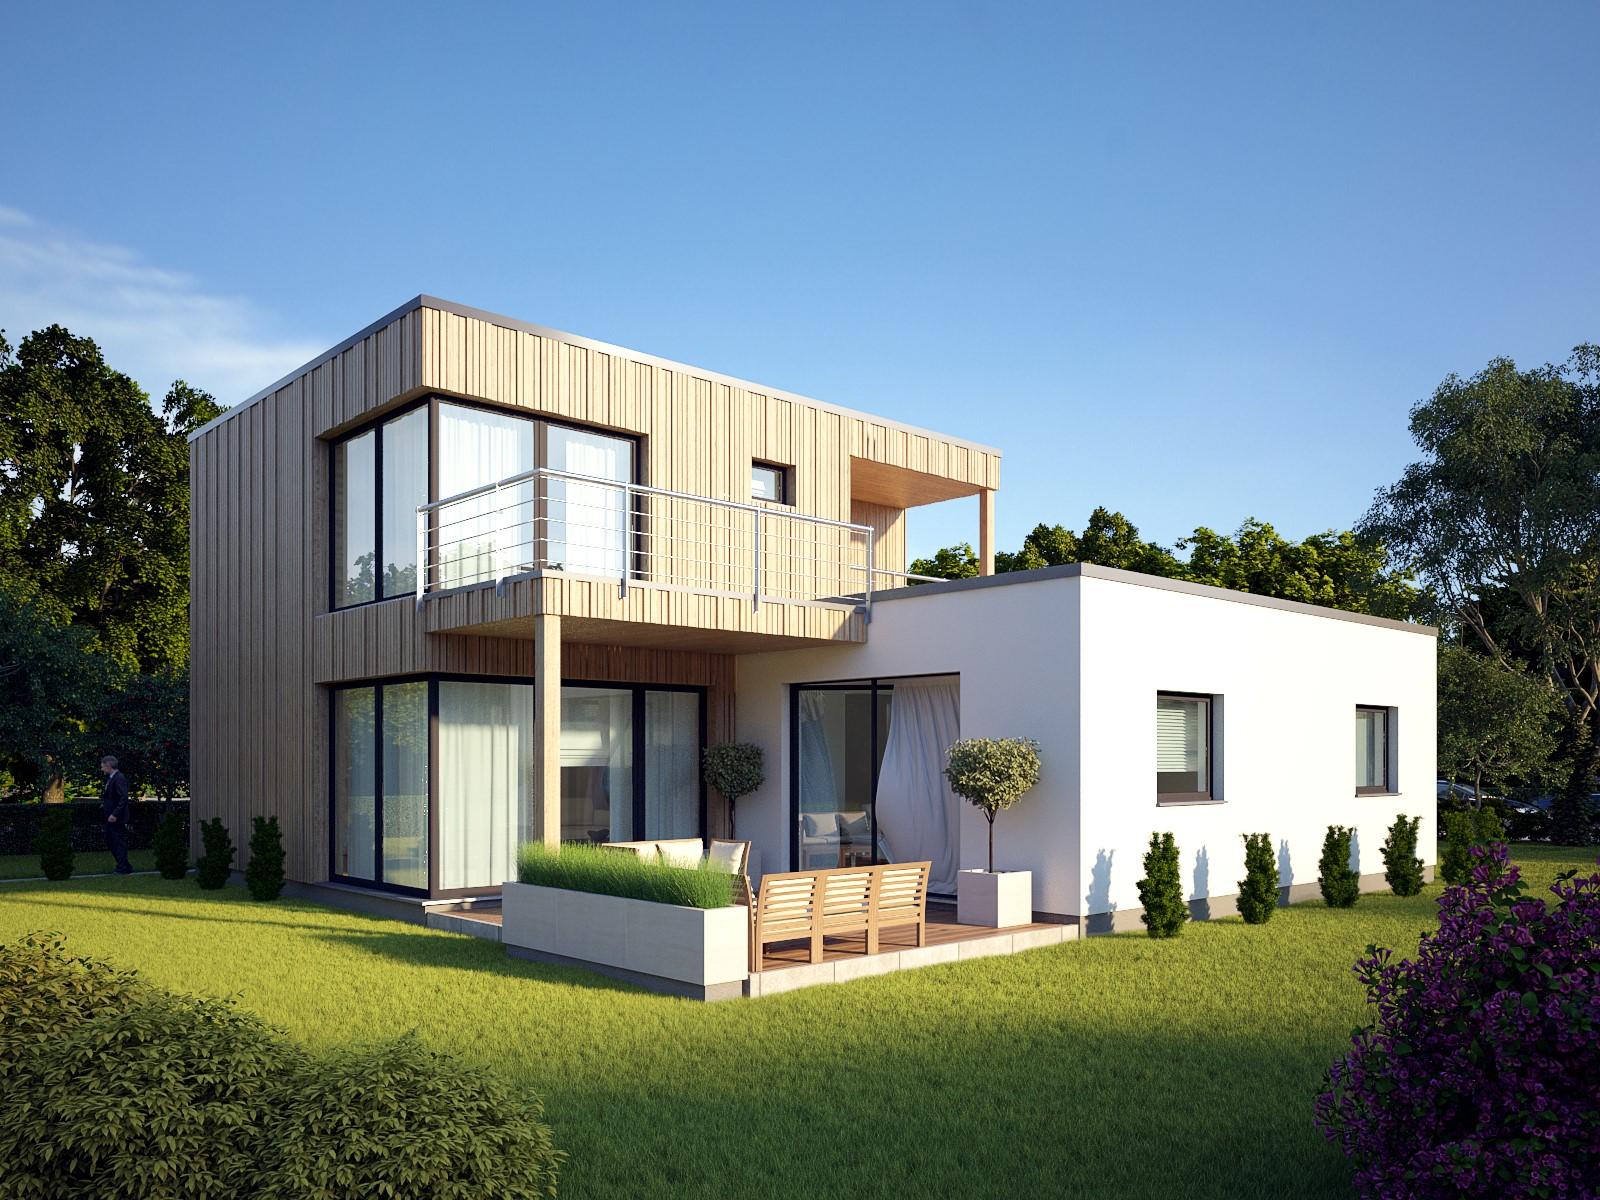 Absolut nicht fad, wirkt dieser Entwurf von Max Haus, der auch über mehrere Stockwerke gebaut werden kann.